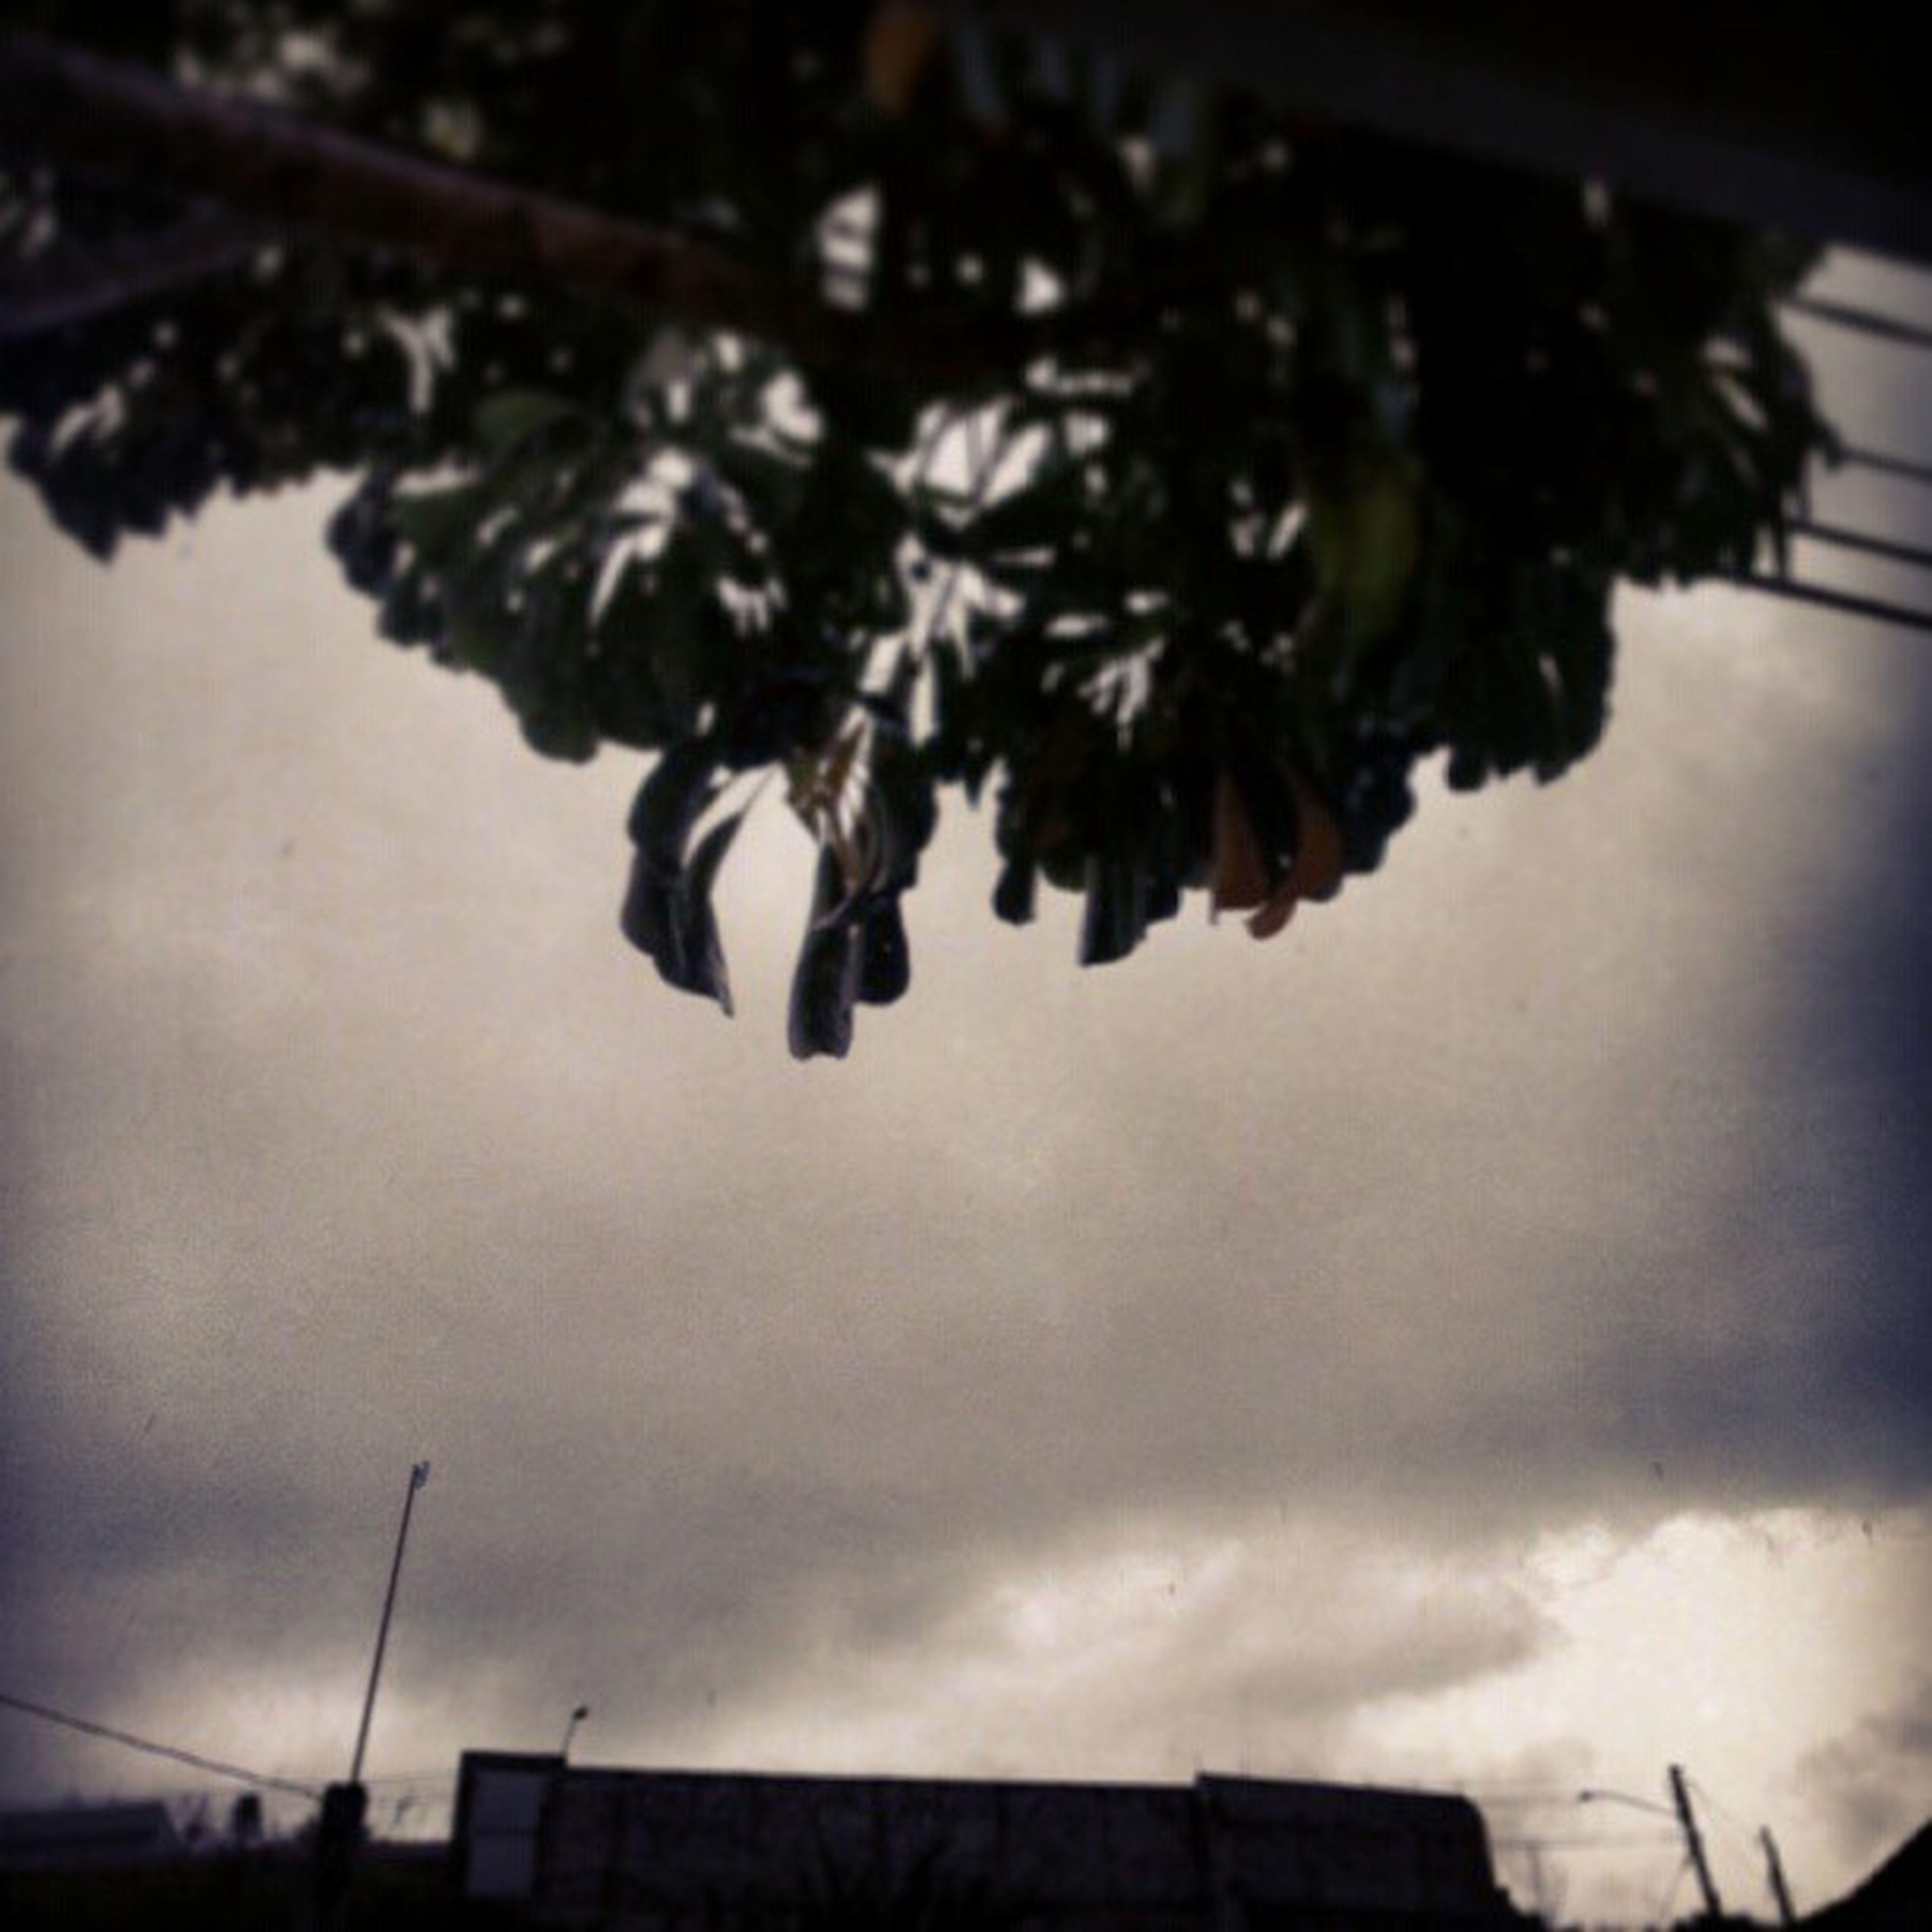 Rain Storm Snow Day chuvoso tempestade power pé d'água don't like Só porque eu tava melhorando da tosse o tempo muda --'